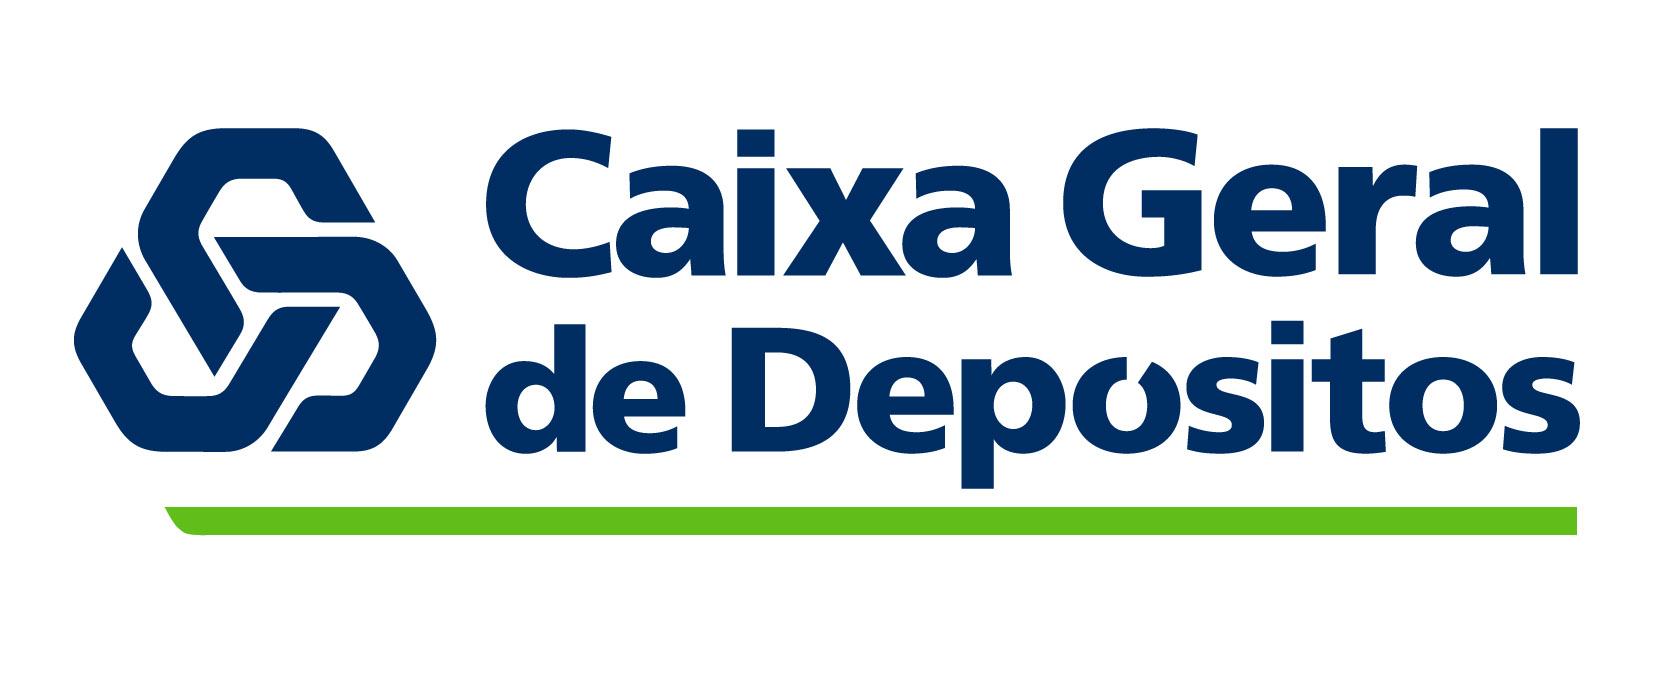 """Caixa Geral de Depósitos – """"A nossa luta continua""""!"""